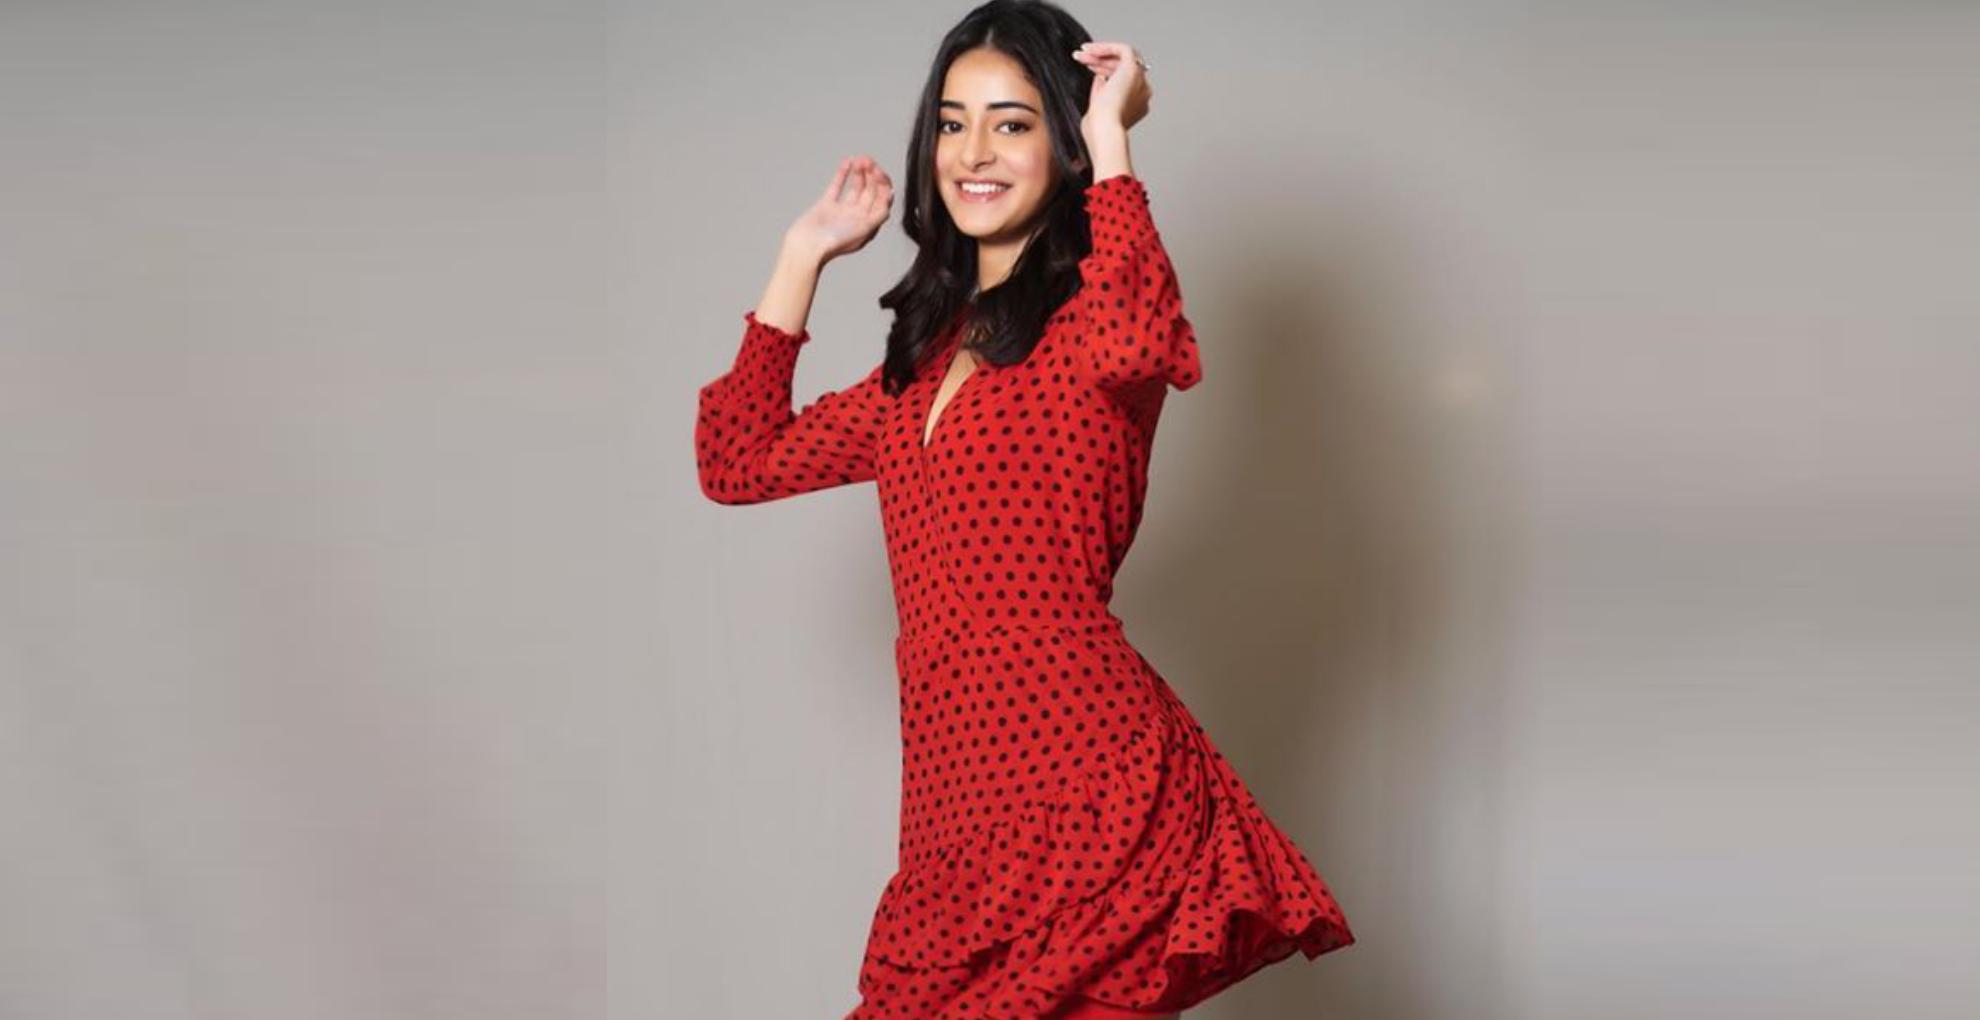 OMG! अनन्या पांडे स्पॉट हुईं इतनी महंगी ड्रेस में, इसकी कीमत हो सकती है आपकी महीनेभर की कमाई